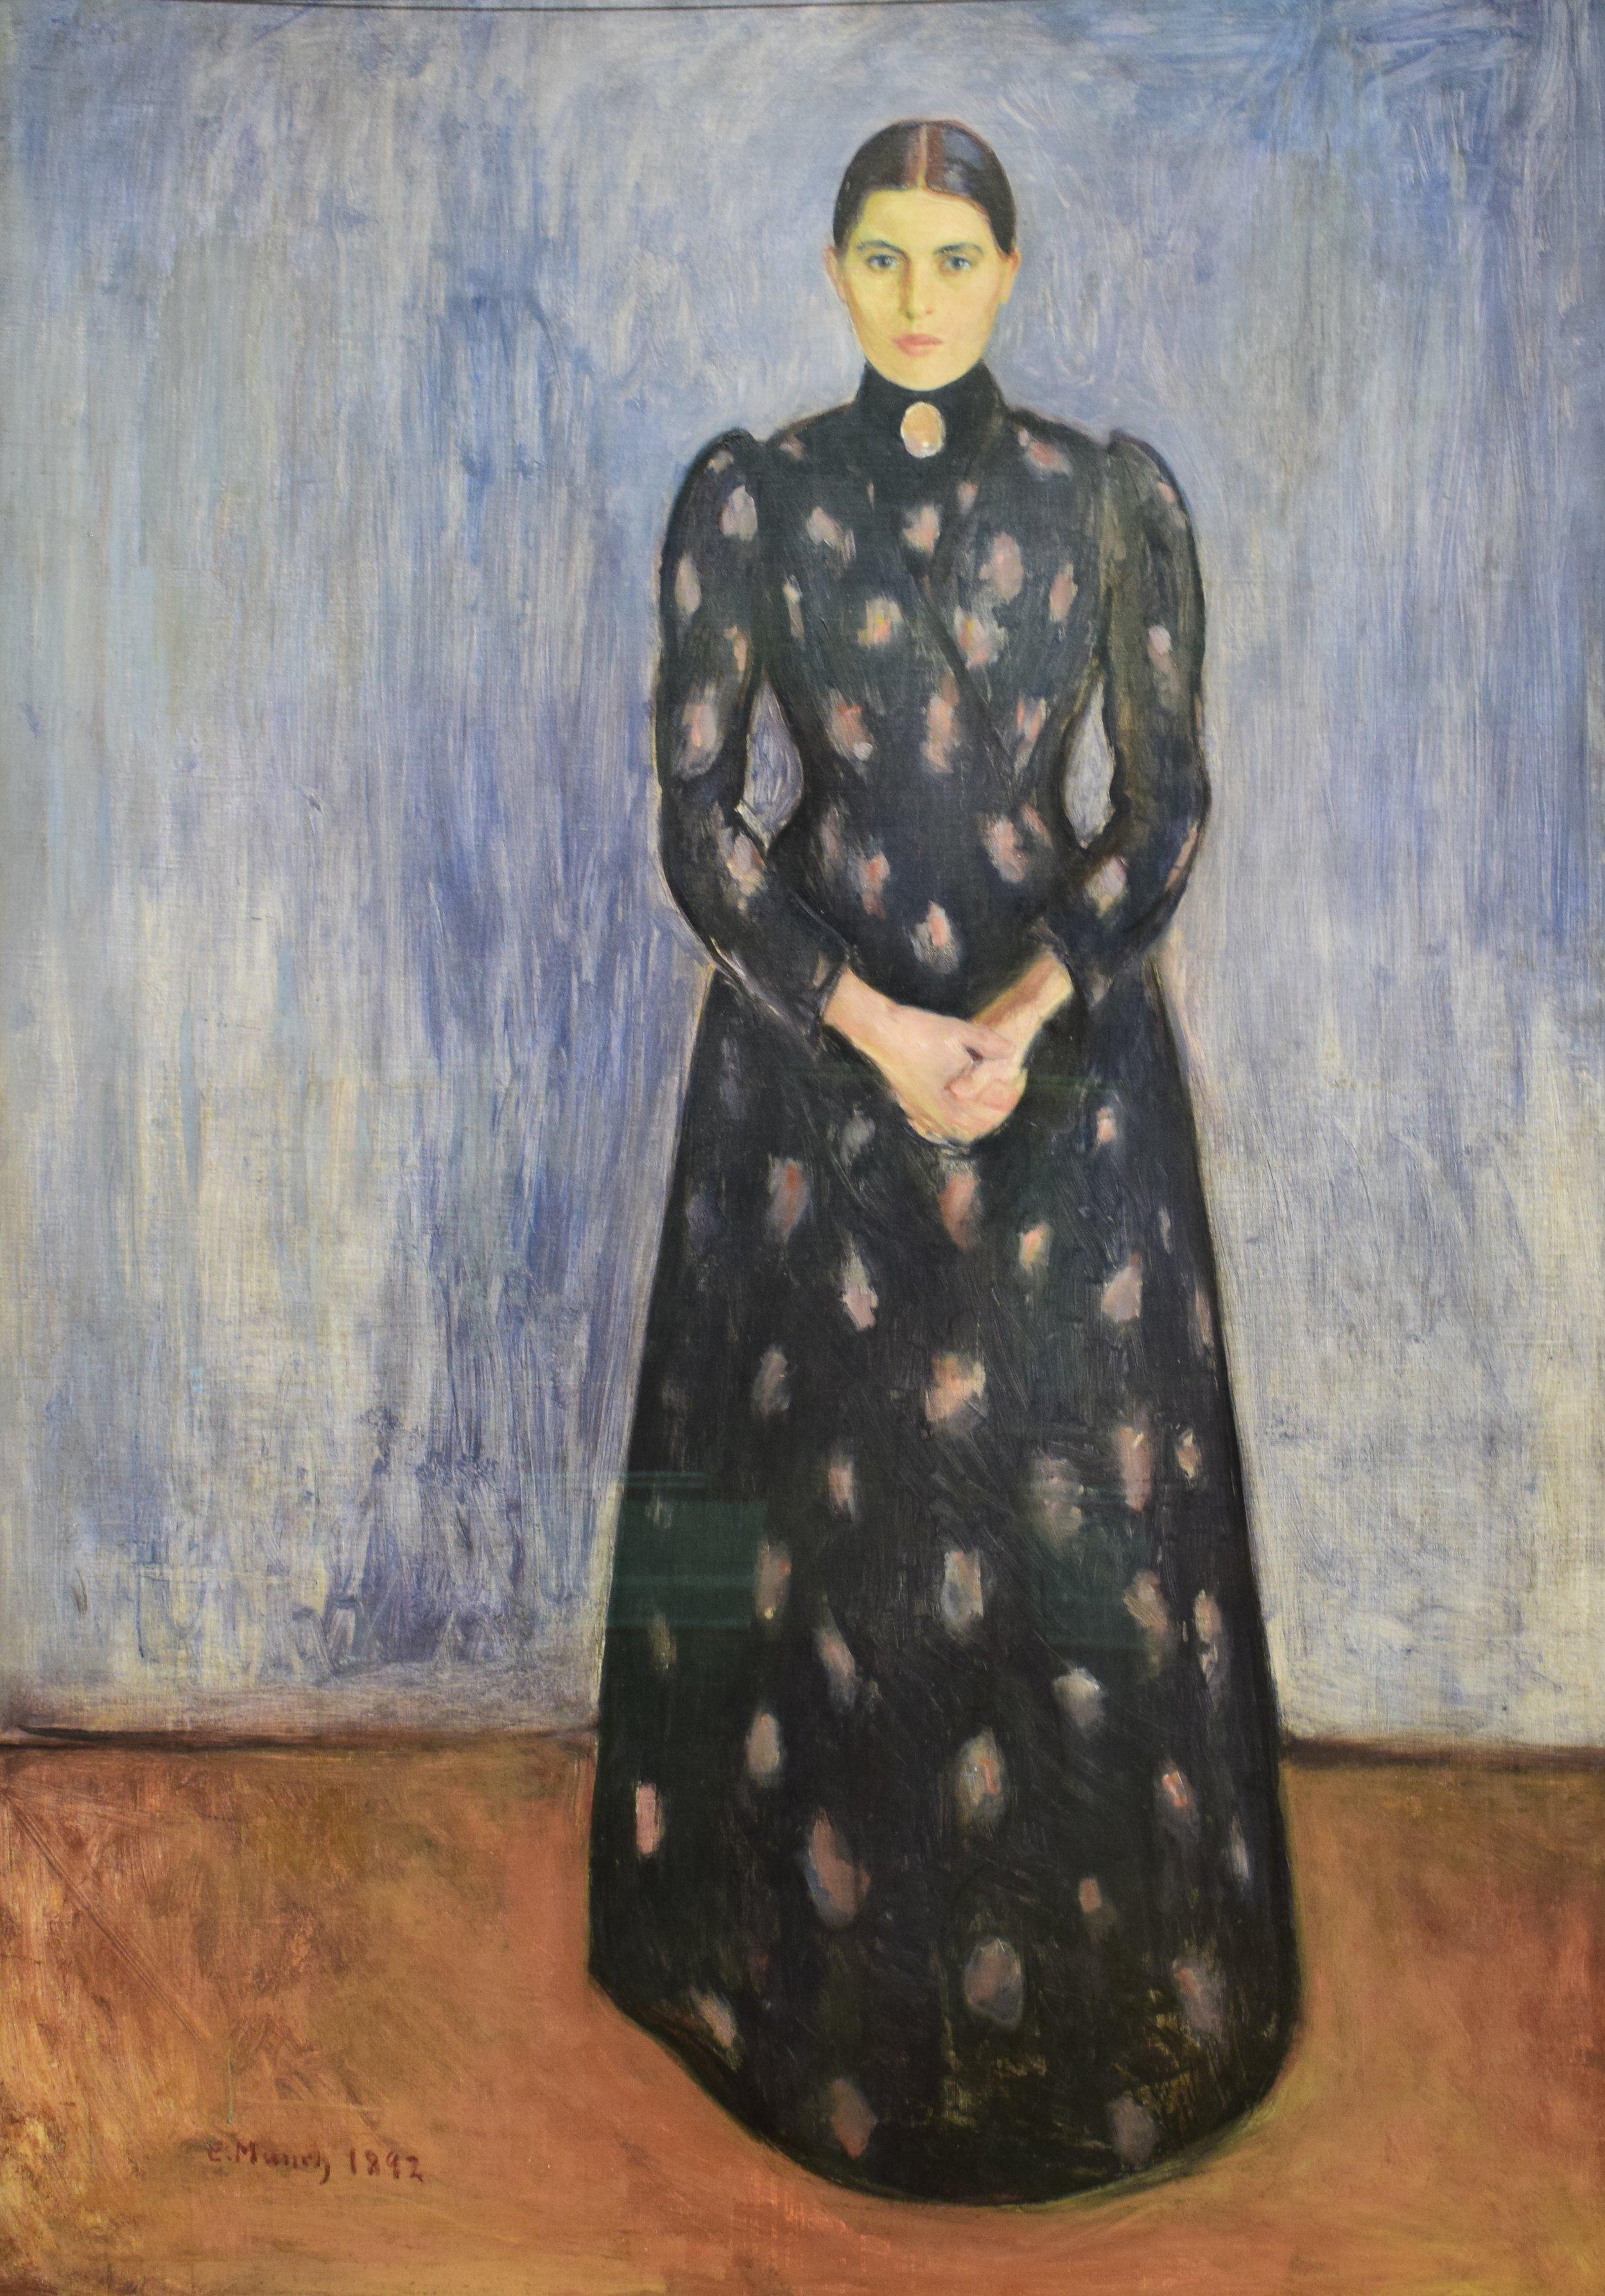 Edvard Munch, Inger in Black and Violet, 1892, Nasjonalmuseet